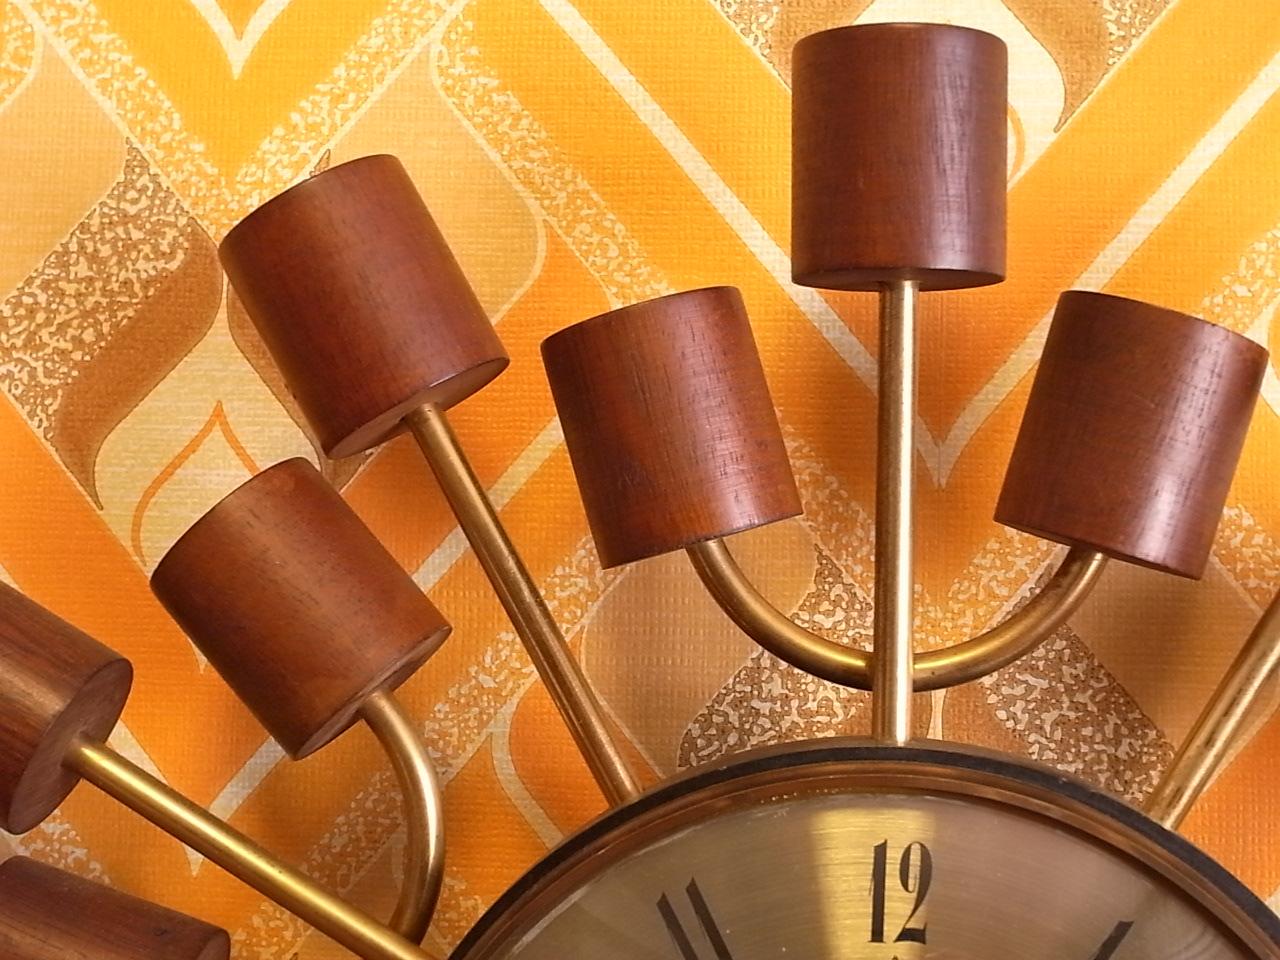 スミス 英国ブランド 木製 ウォールクロック クオーツムーブメントの写真3枚目